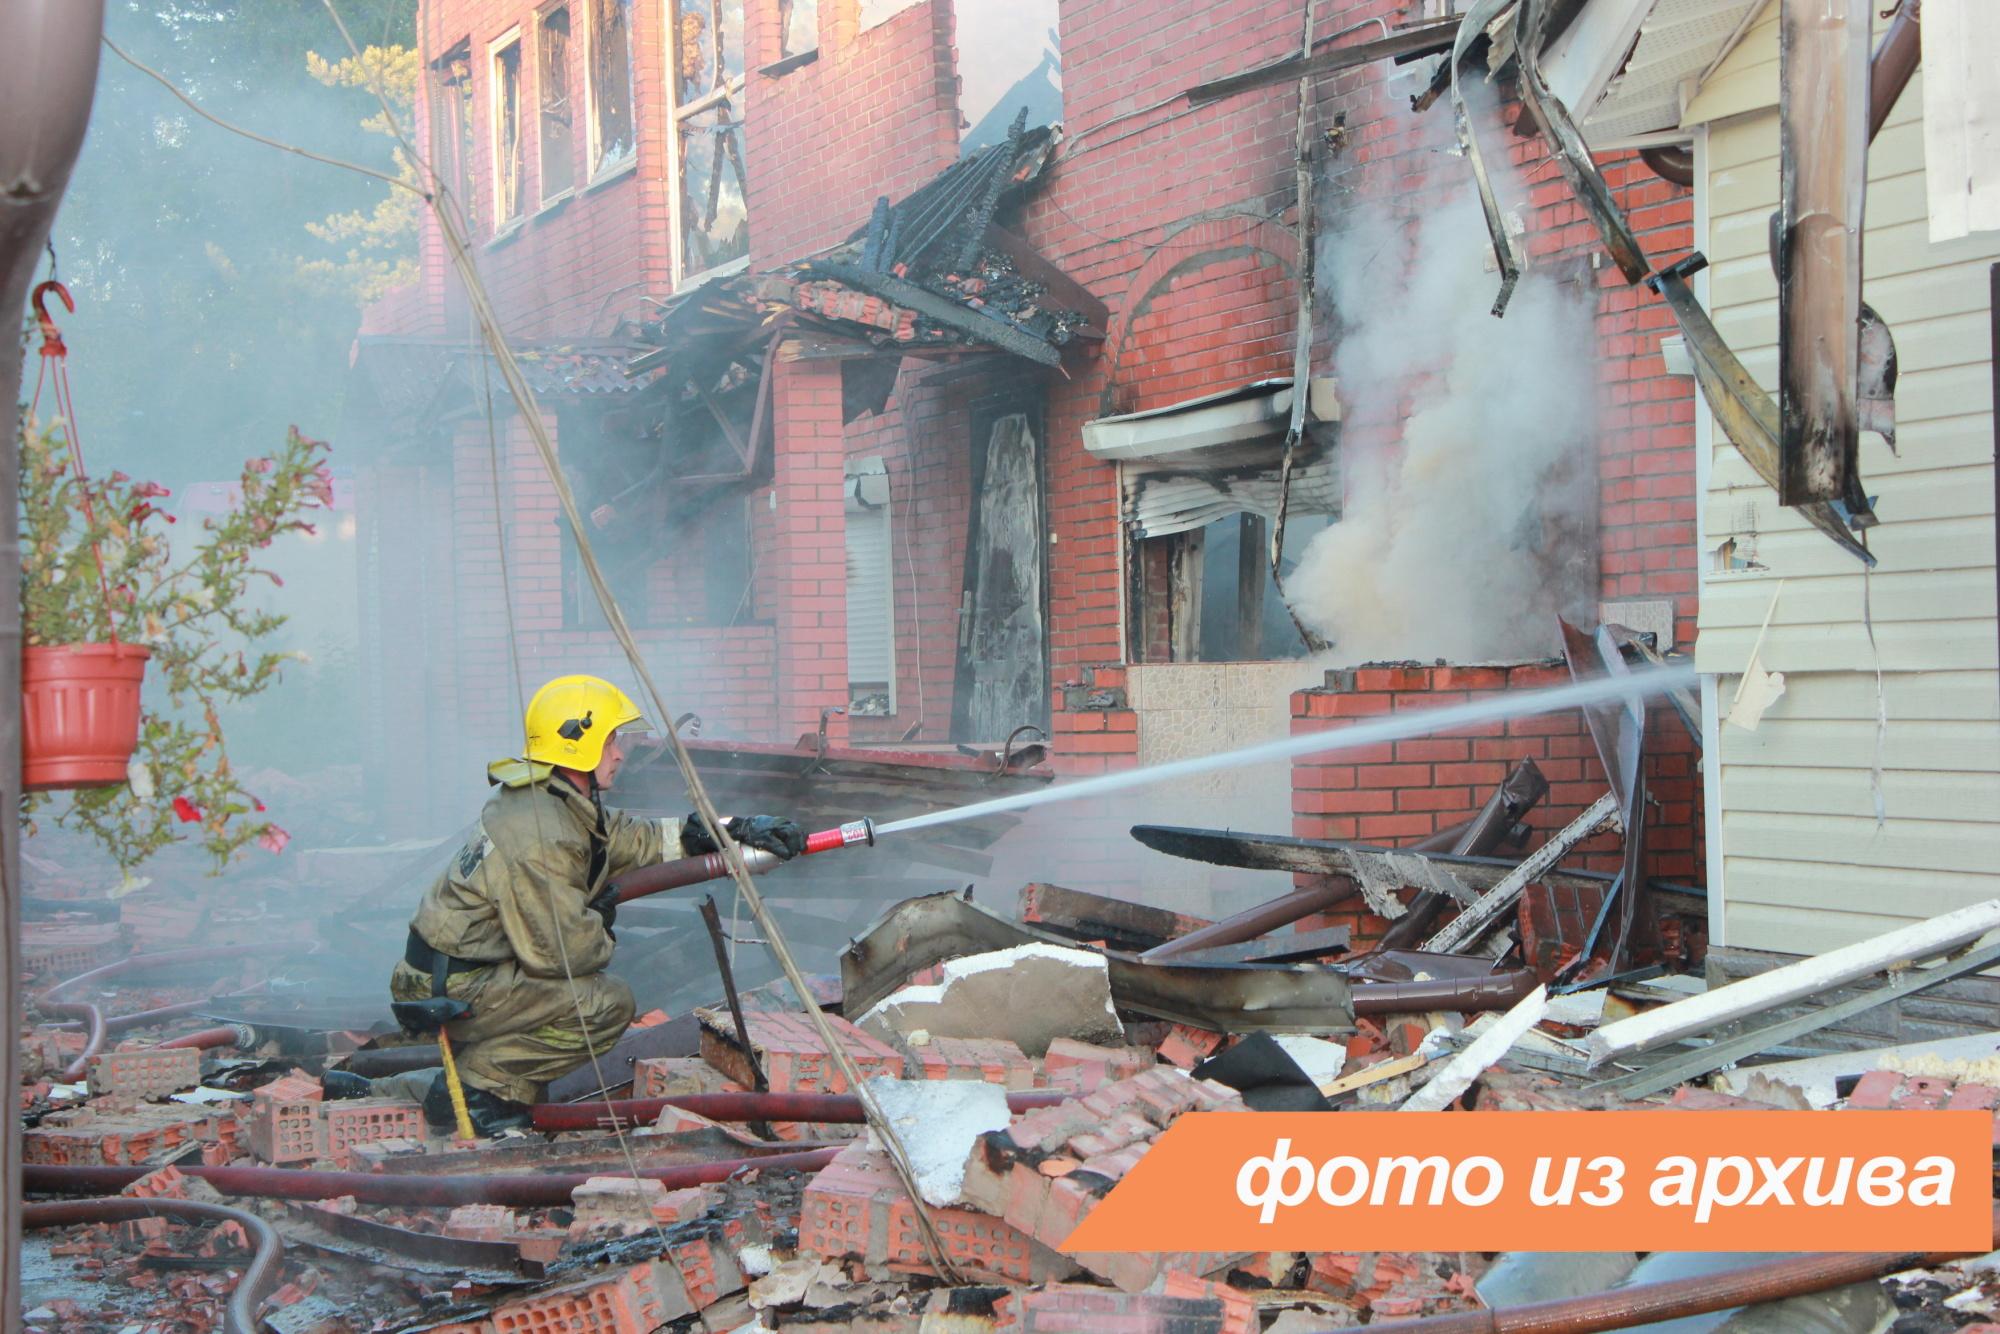 Пожарно-спасательное подразделение Ленинградской области ликвидировало пожар в Бокситогорском районе